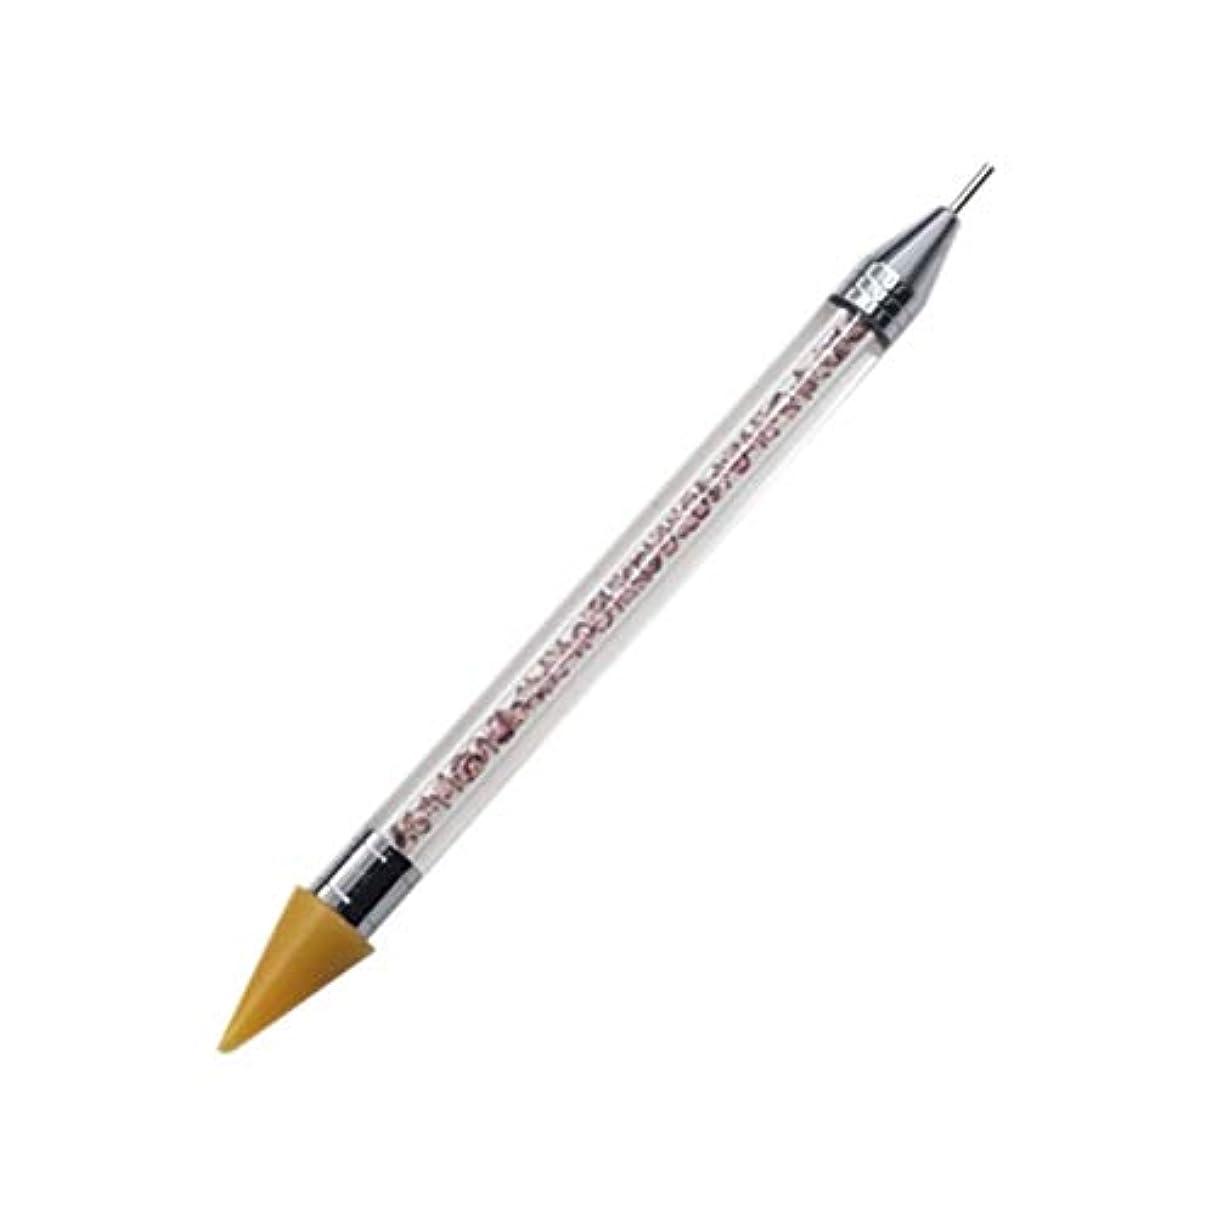 自分の方法論フローネイルペン DIY デュアルエンド 絵画ツール ペン ネイル筆 ネイルアートペン ネイルアートブラシ マニキュアツールキット ネイルツール ネイル用品 ラインストーンピッカー点在ペン マニキュアネイルアート DIY 装飾ツール